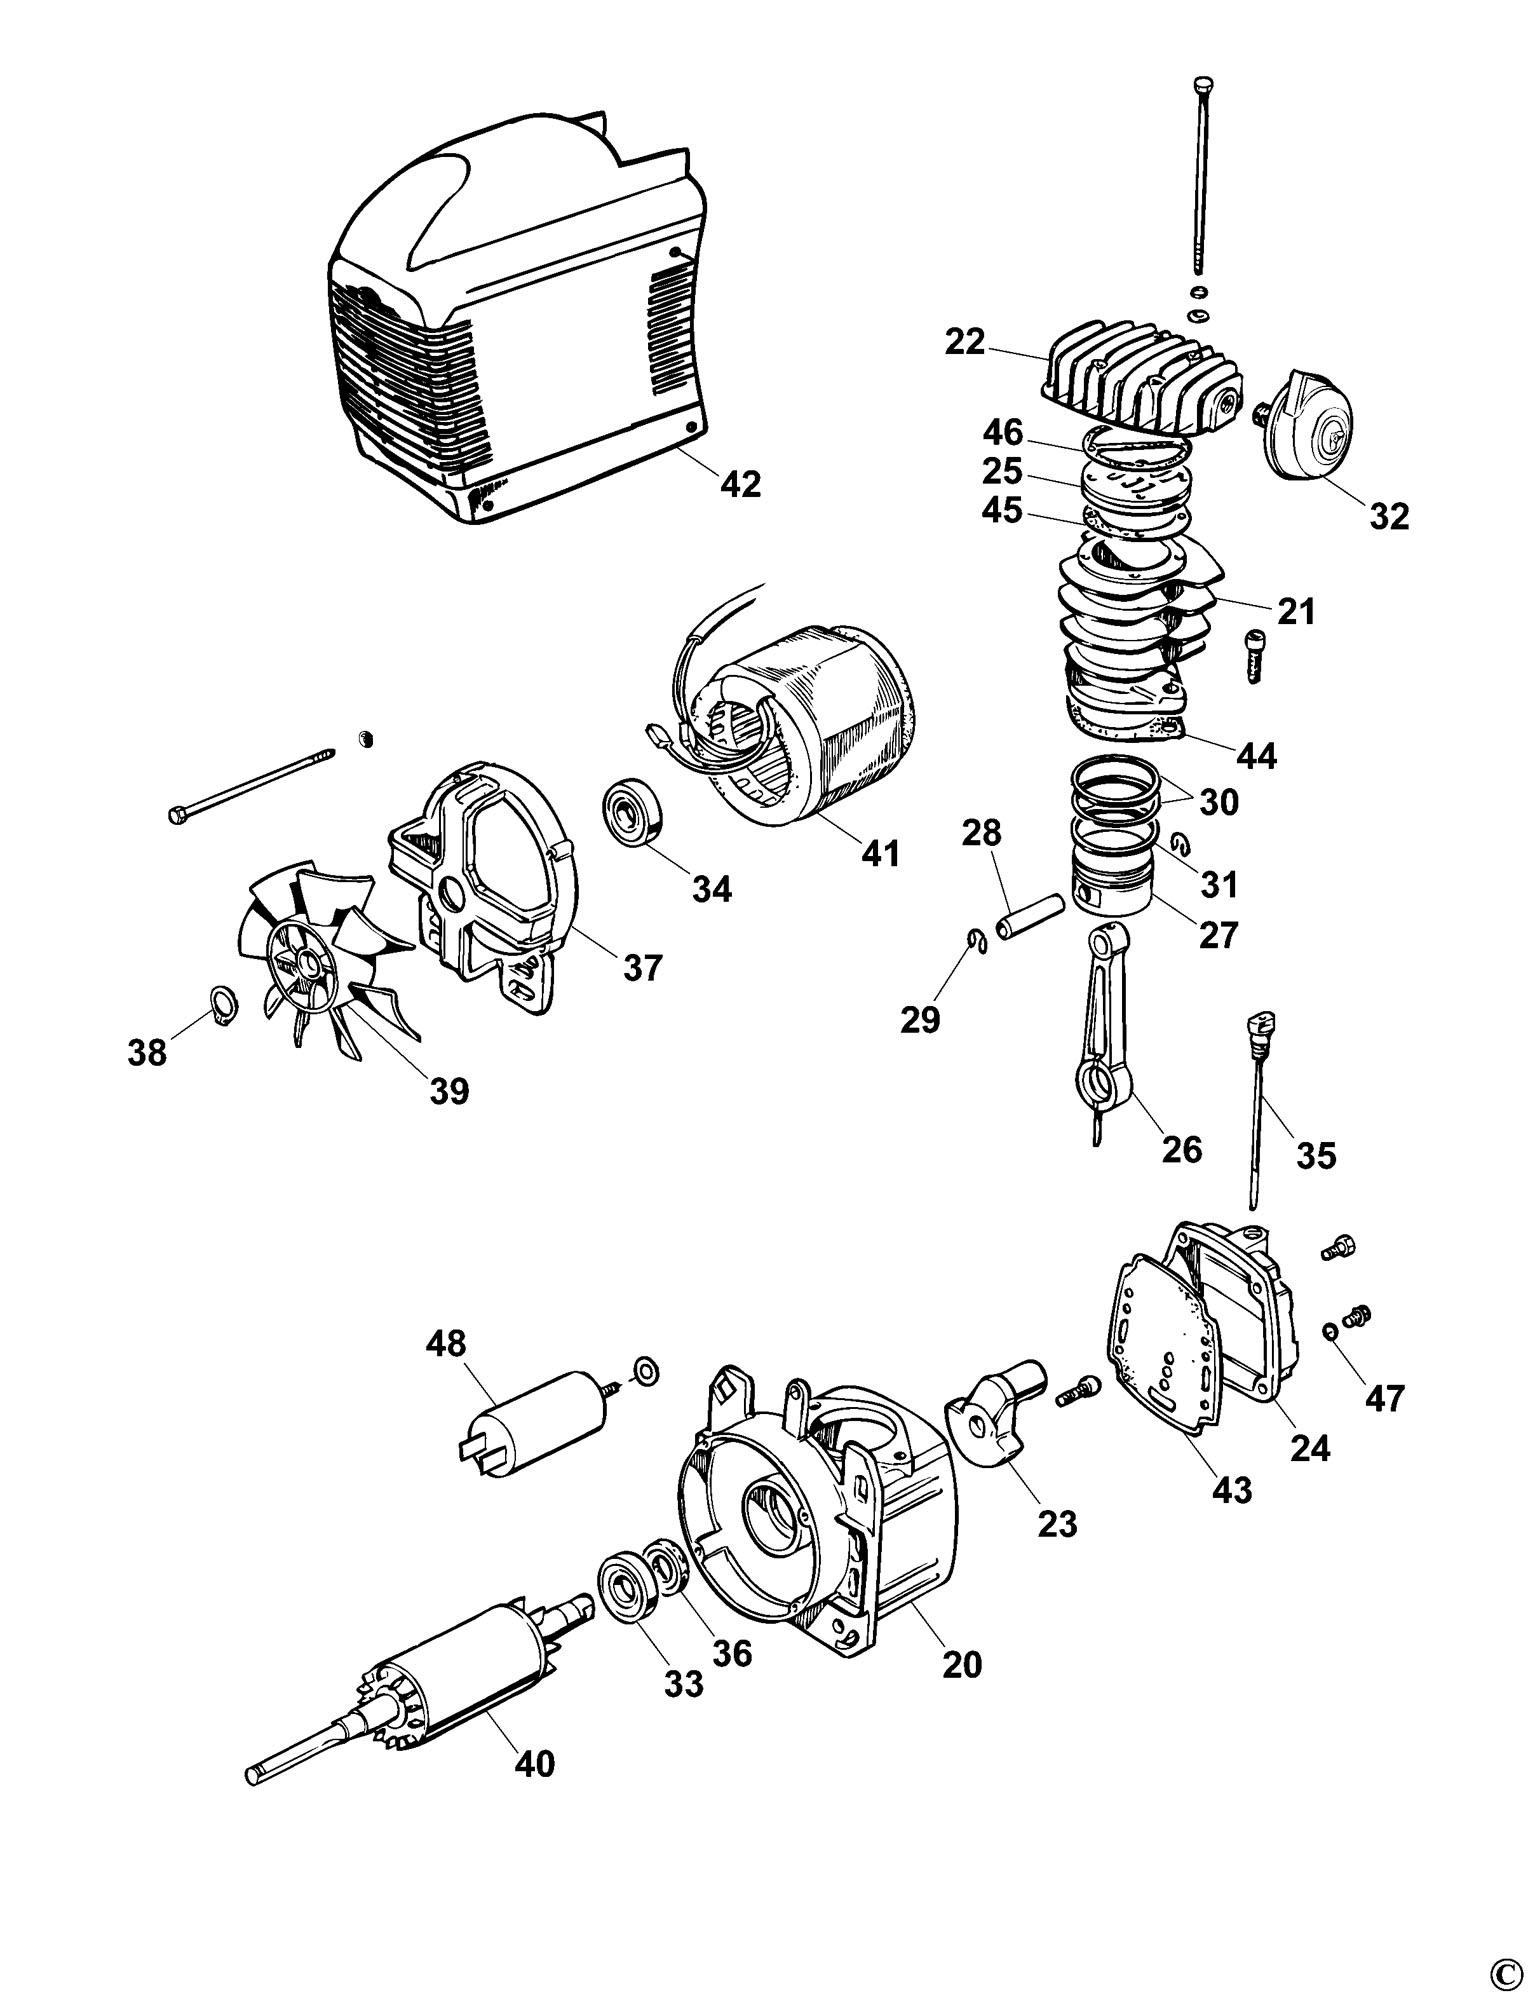 Spares for Bostitch C50 Compressor (type Reva) SPARE_C50